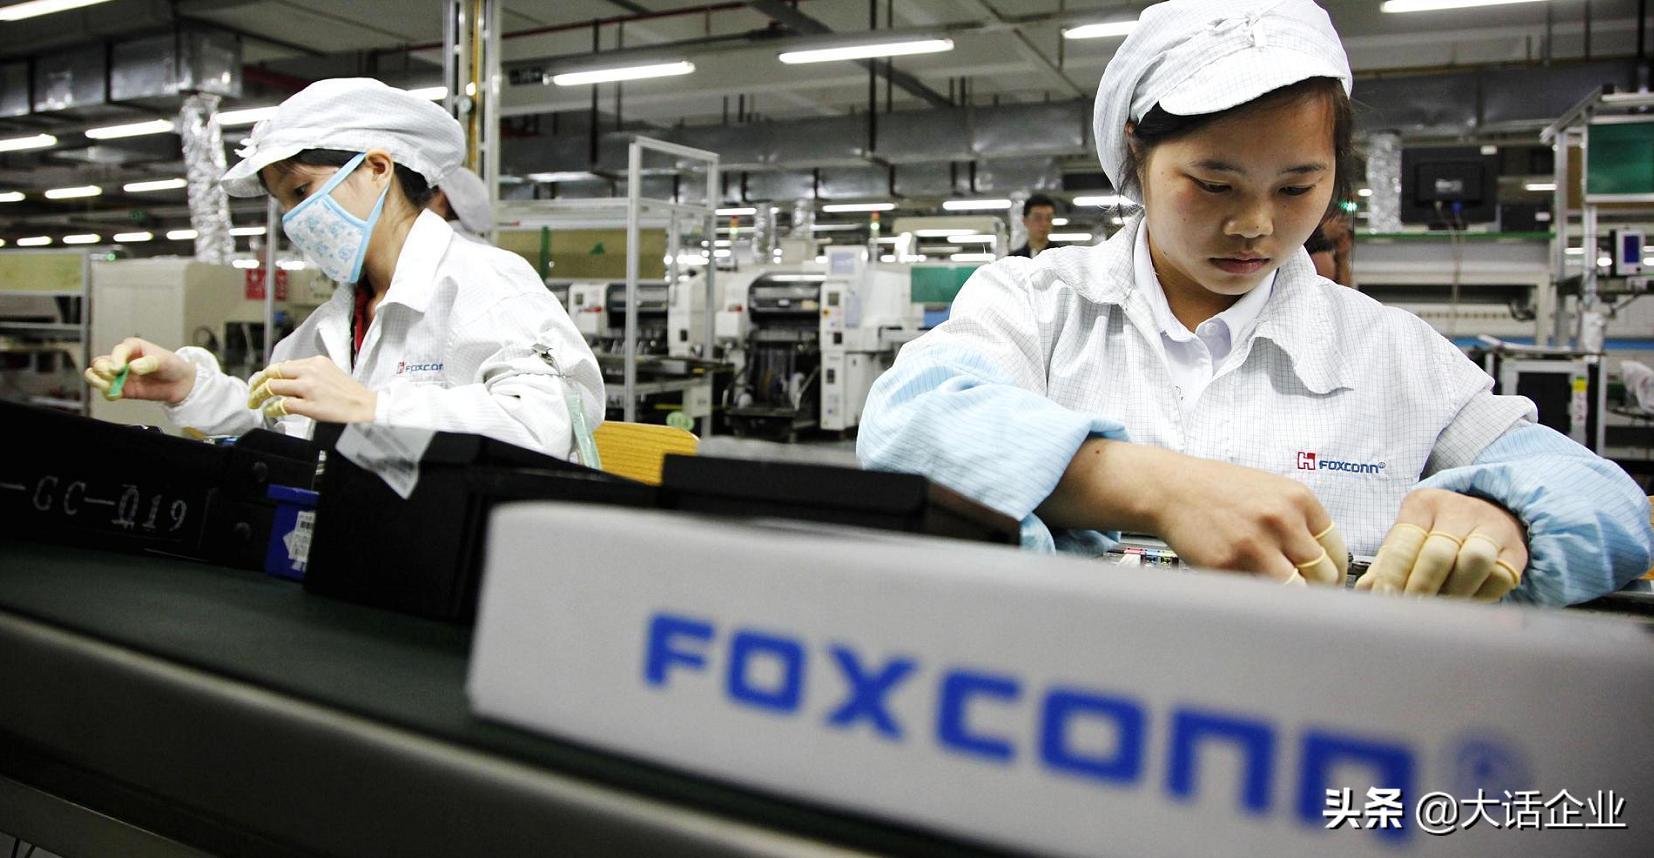 追加越南投资17亿,抛弃80万名大陆员工?富士康官方紧急回应